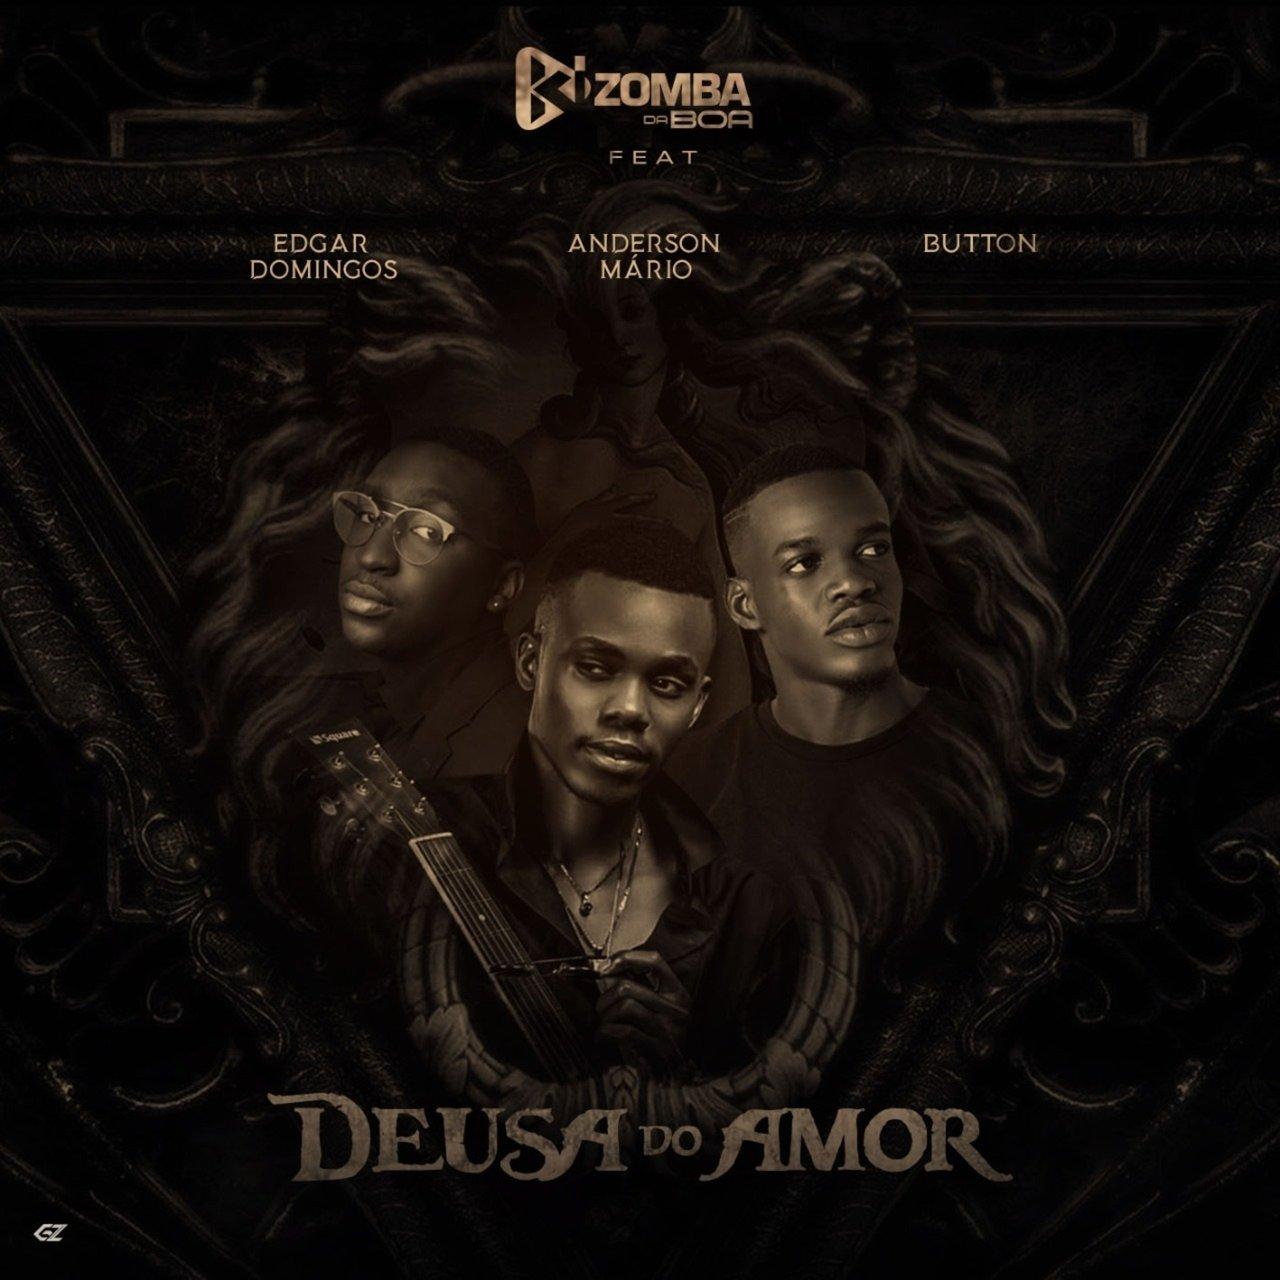 Kizomba Da Boa - Deusa Do Amor (ft. Edgar Domingos, Anderson Mário and Button) (Cover)